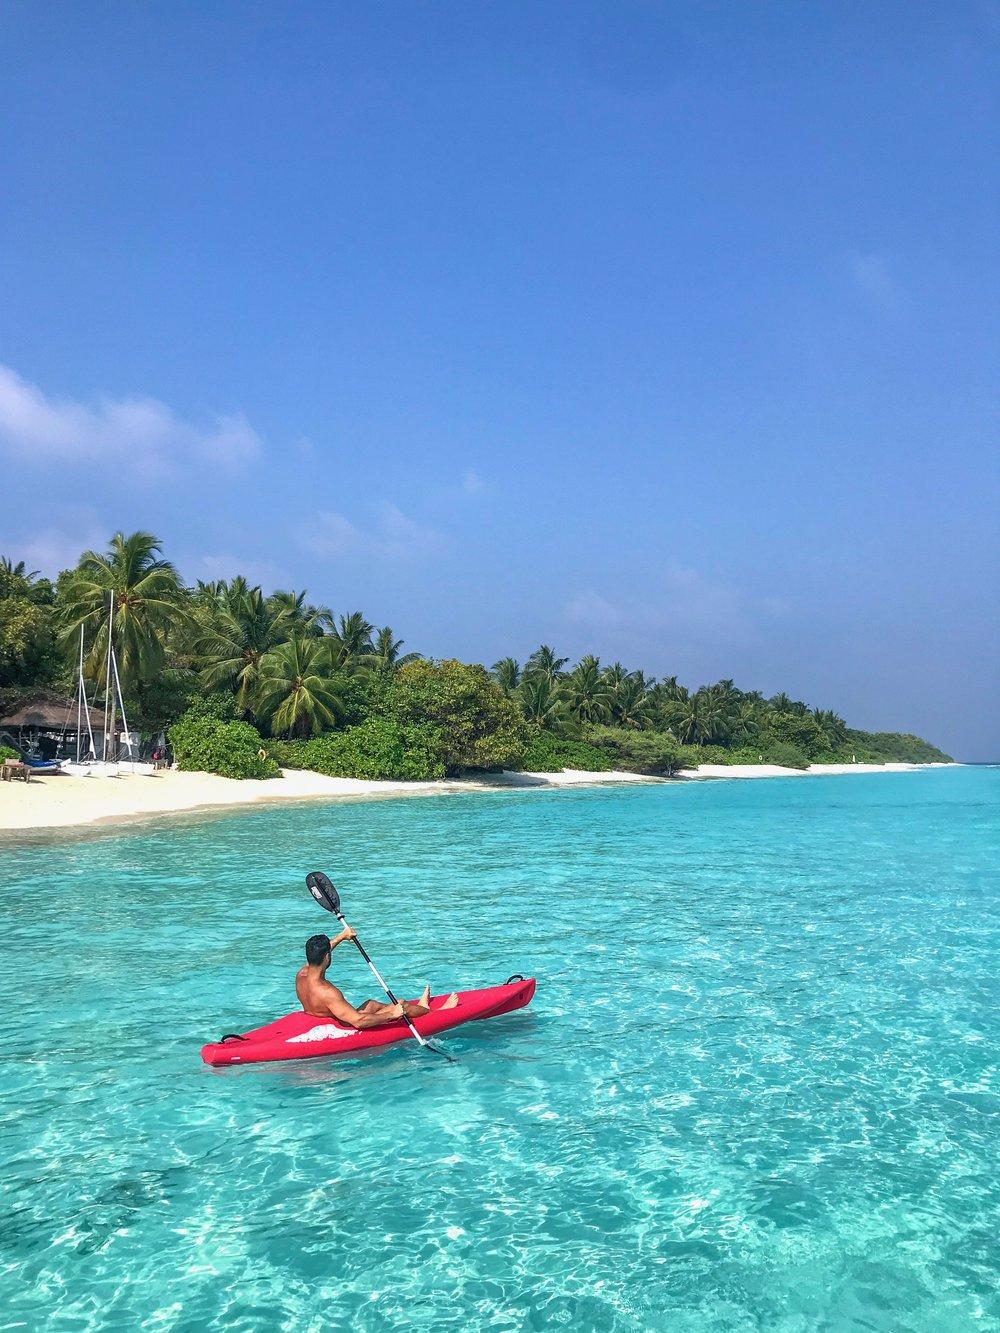 O Soneva Fushi se destaca por estar localizado em uma ilha de mata densa e fauna abundante. O hotel que tem apenas beach villas, é conhecido pelo bom gosto na decoração assinada pela co-fundadora Eva, esposa de Sonu Shivdasani. O nome Soneva é a junção dos nomes do casal.